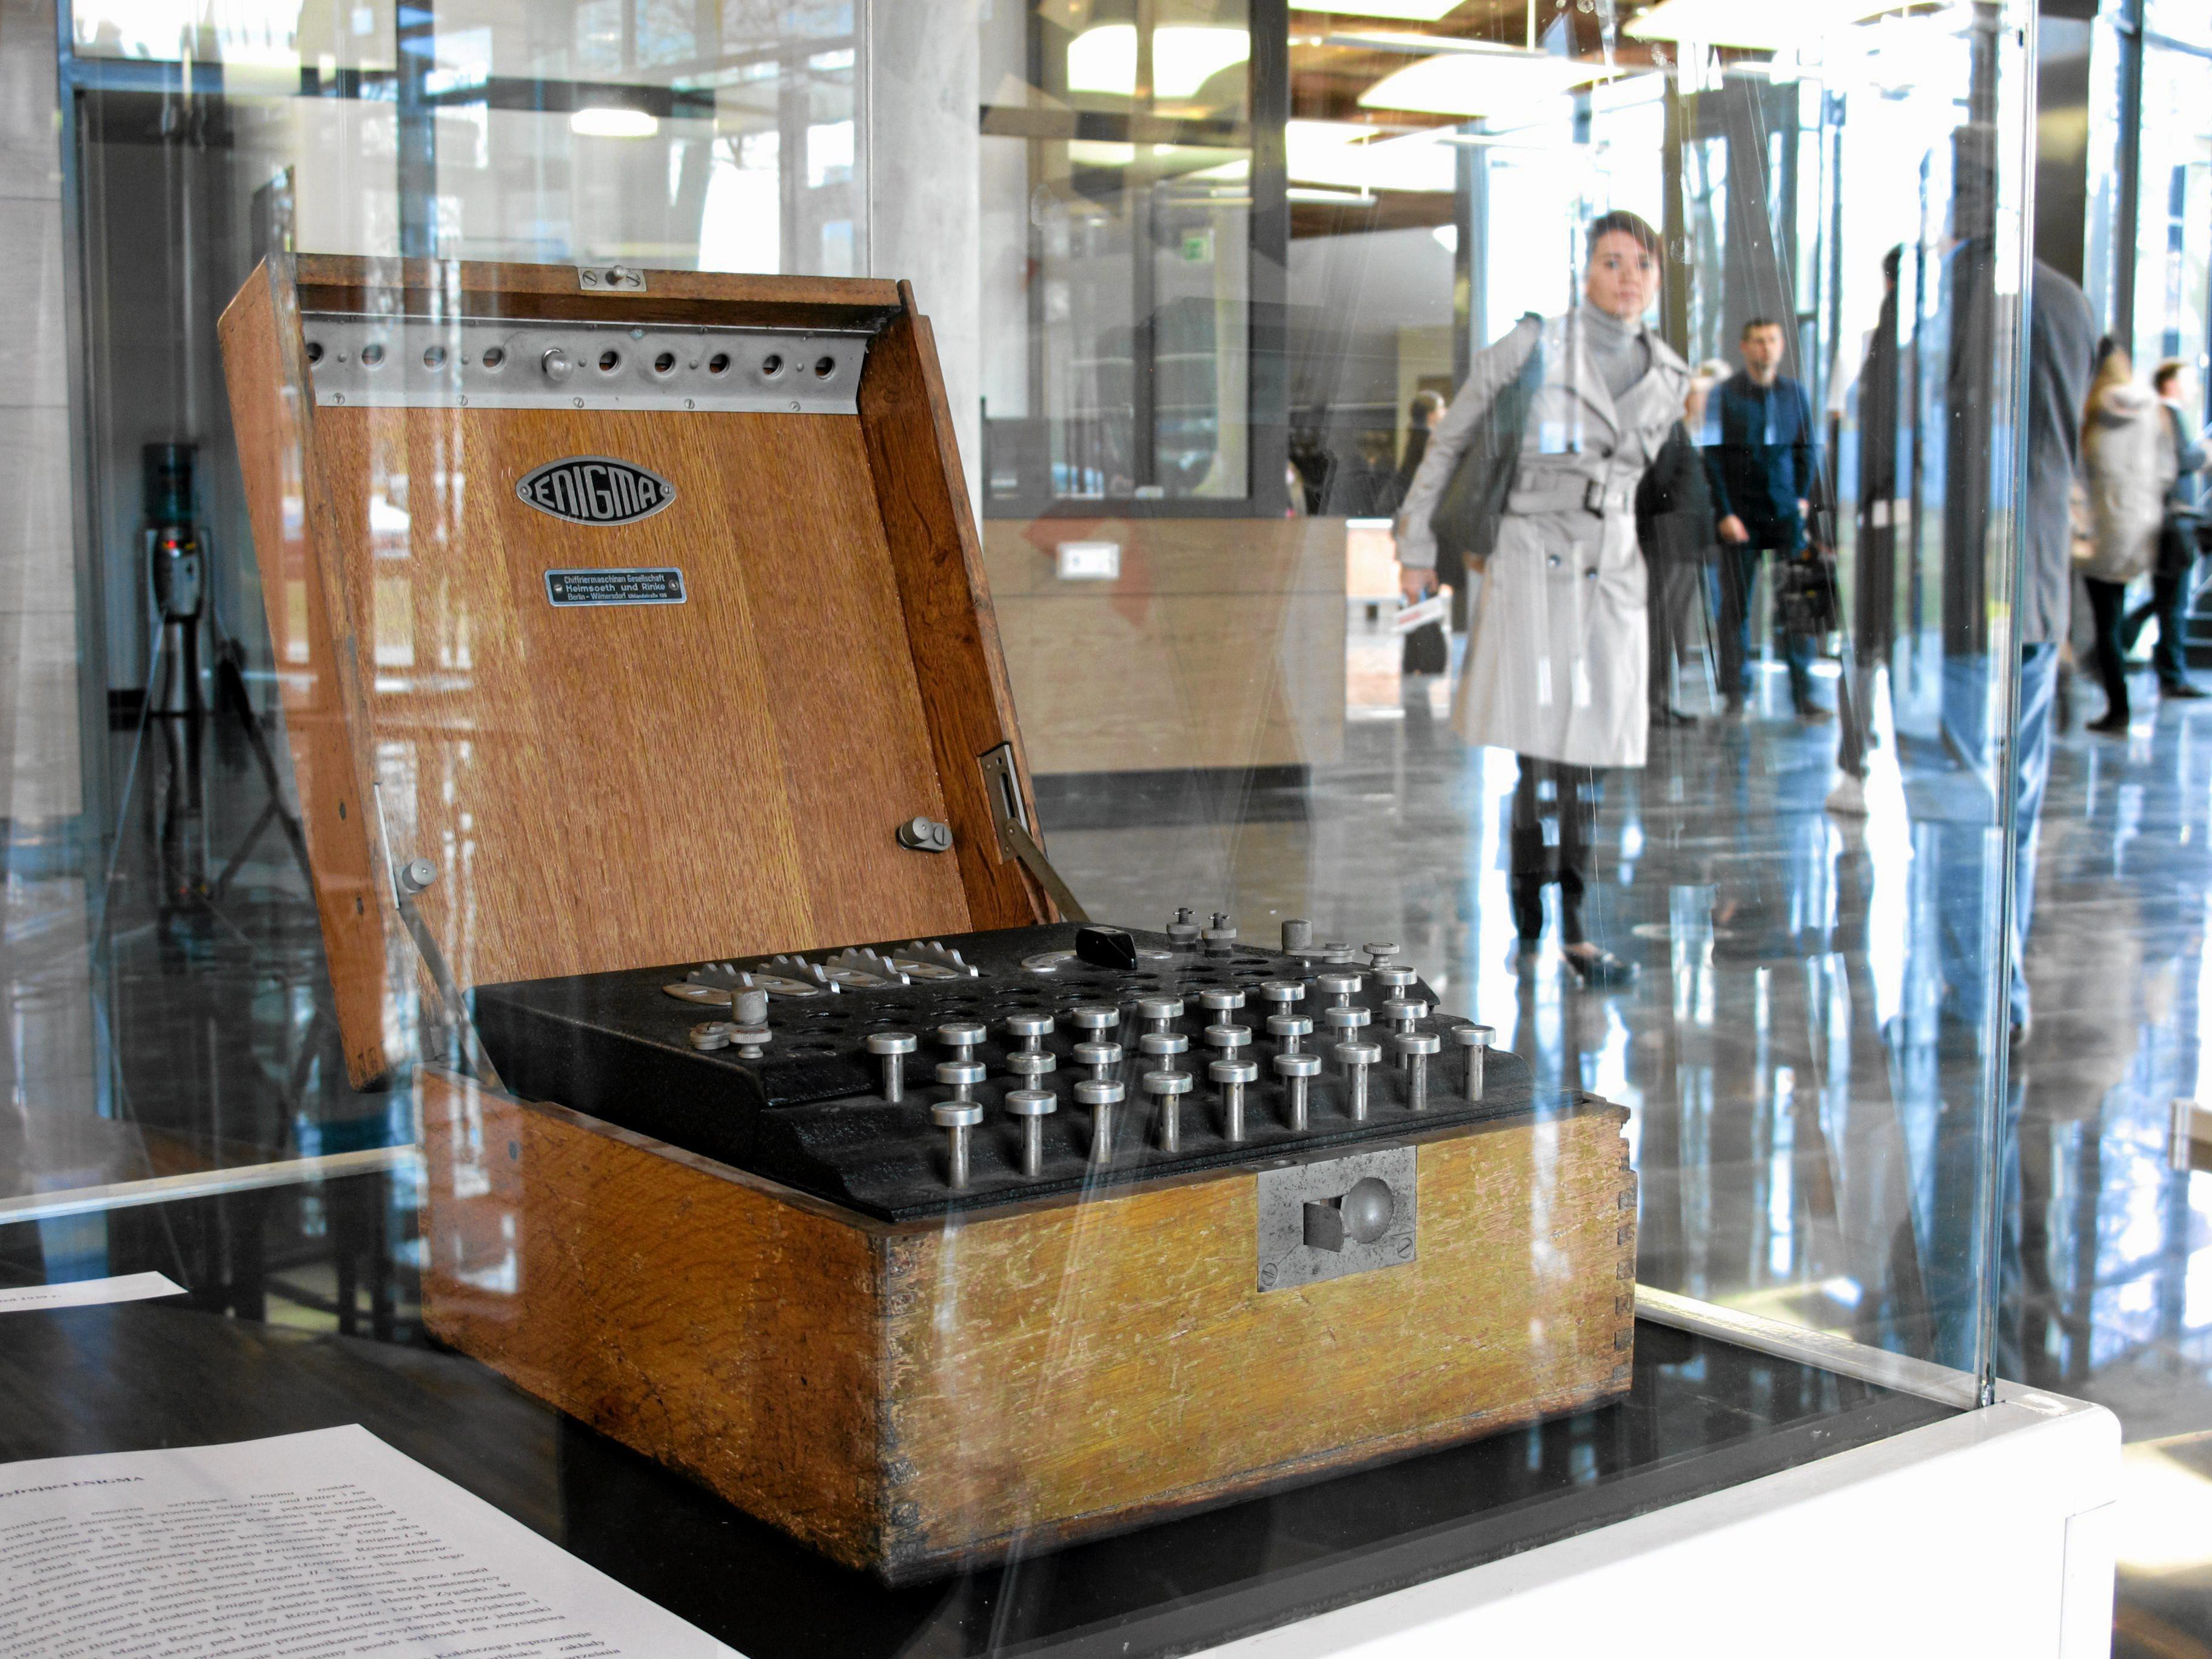 Maszyna szyfrująca Enigma (fot. Łukasz Cynalewski / AG)